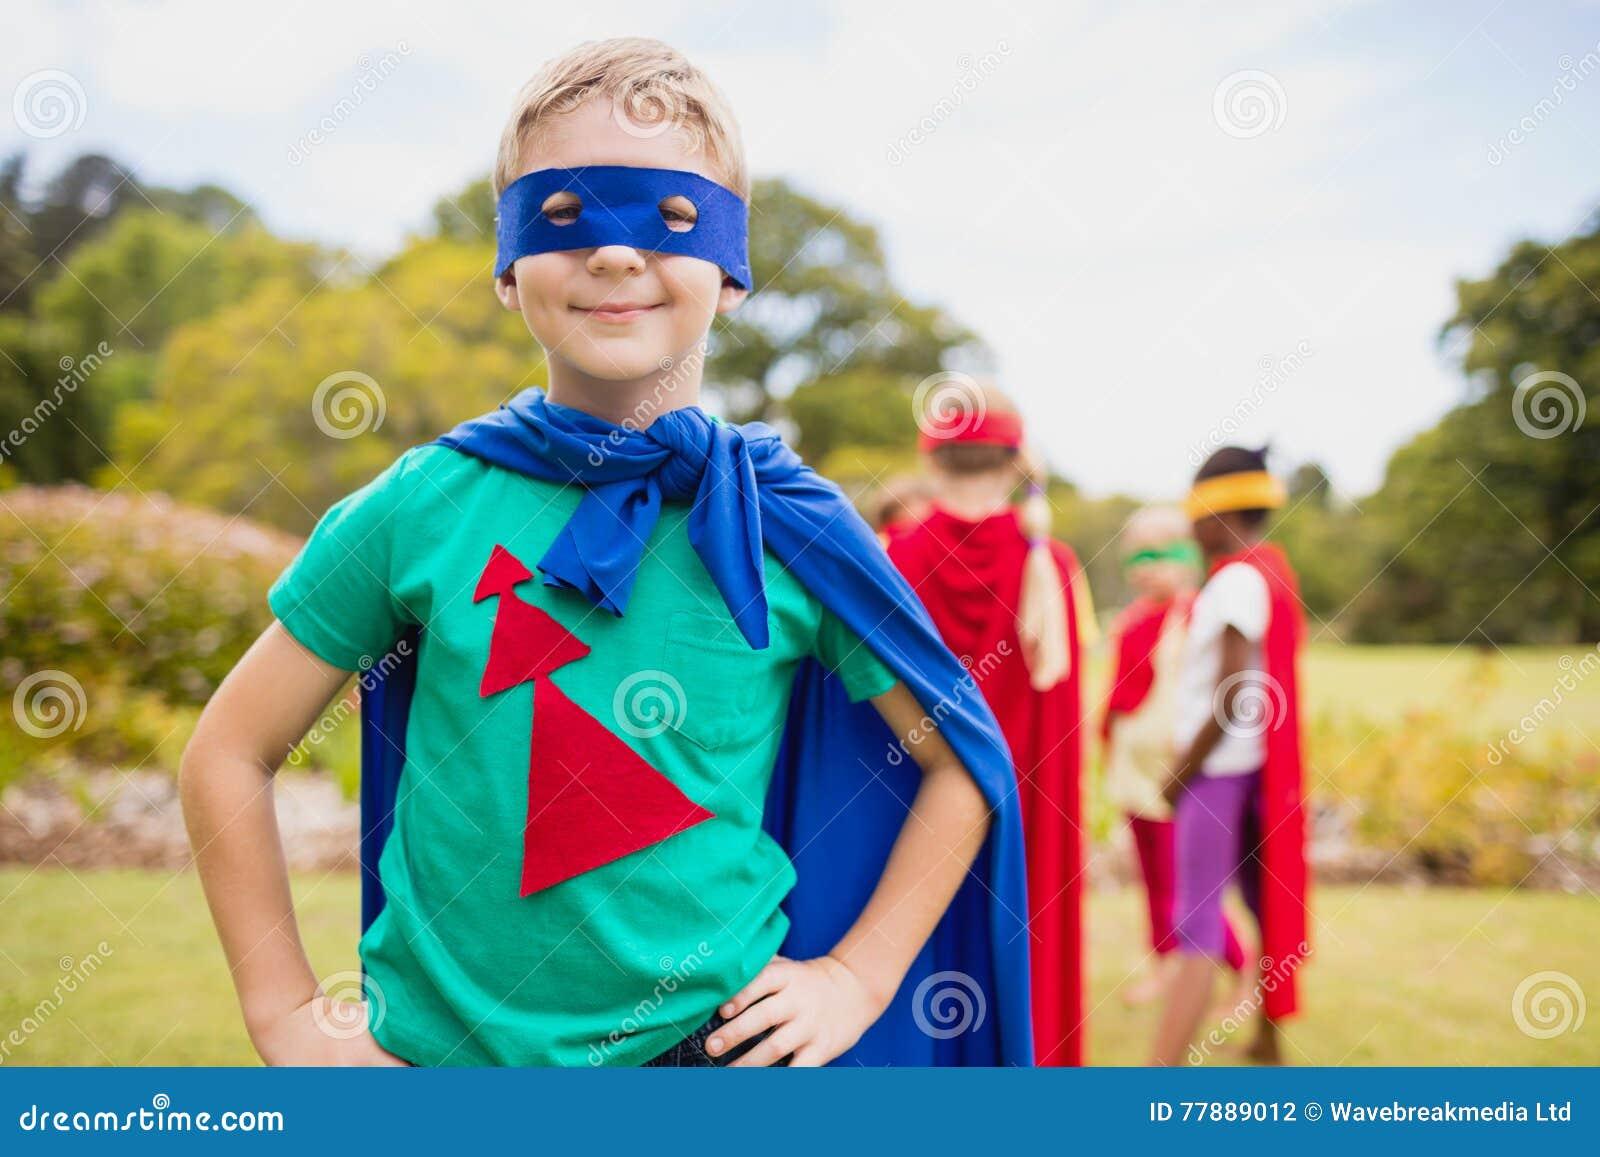 Traje Del Super Héroe Del Niño Pequeño Que Lleva Que Presenta Para La Cámara Foto de archivo